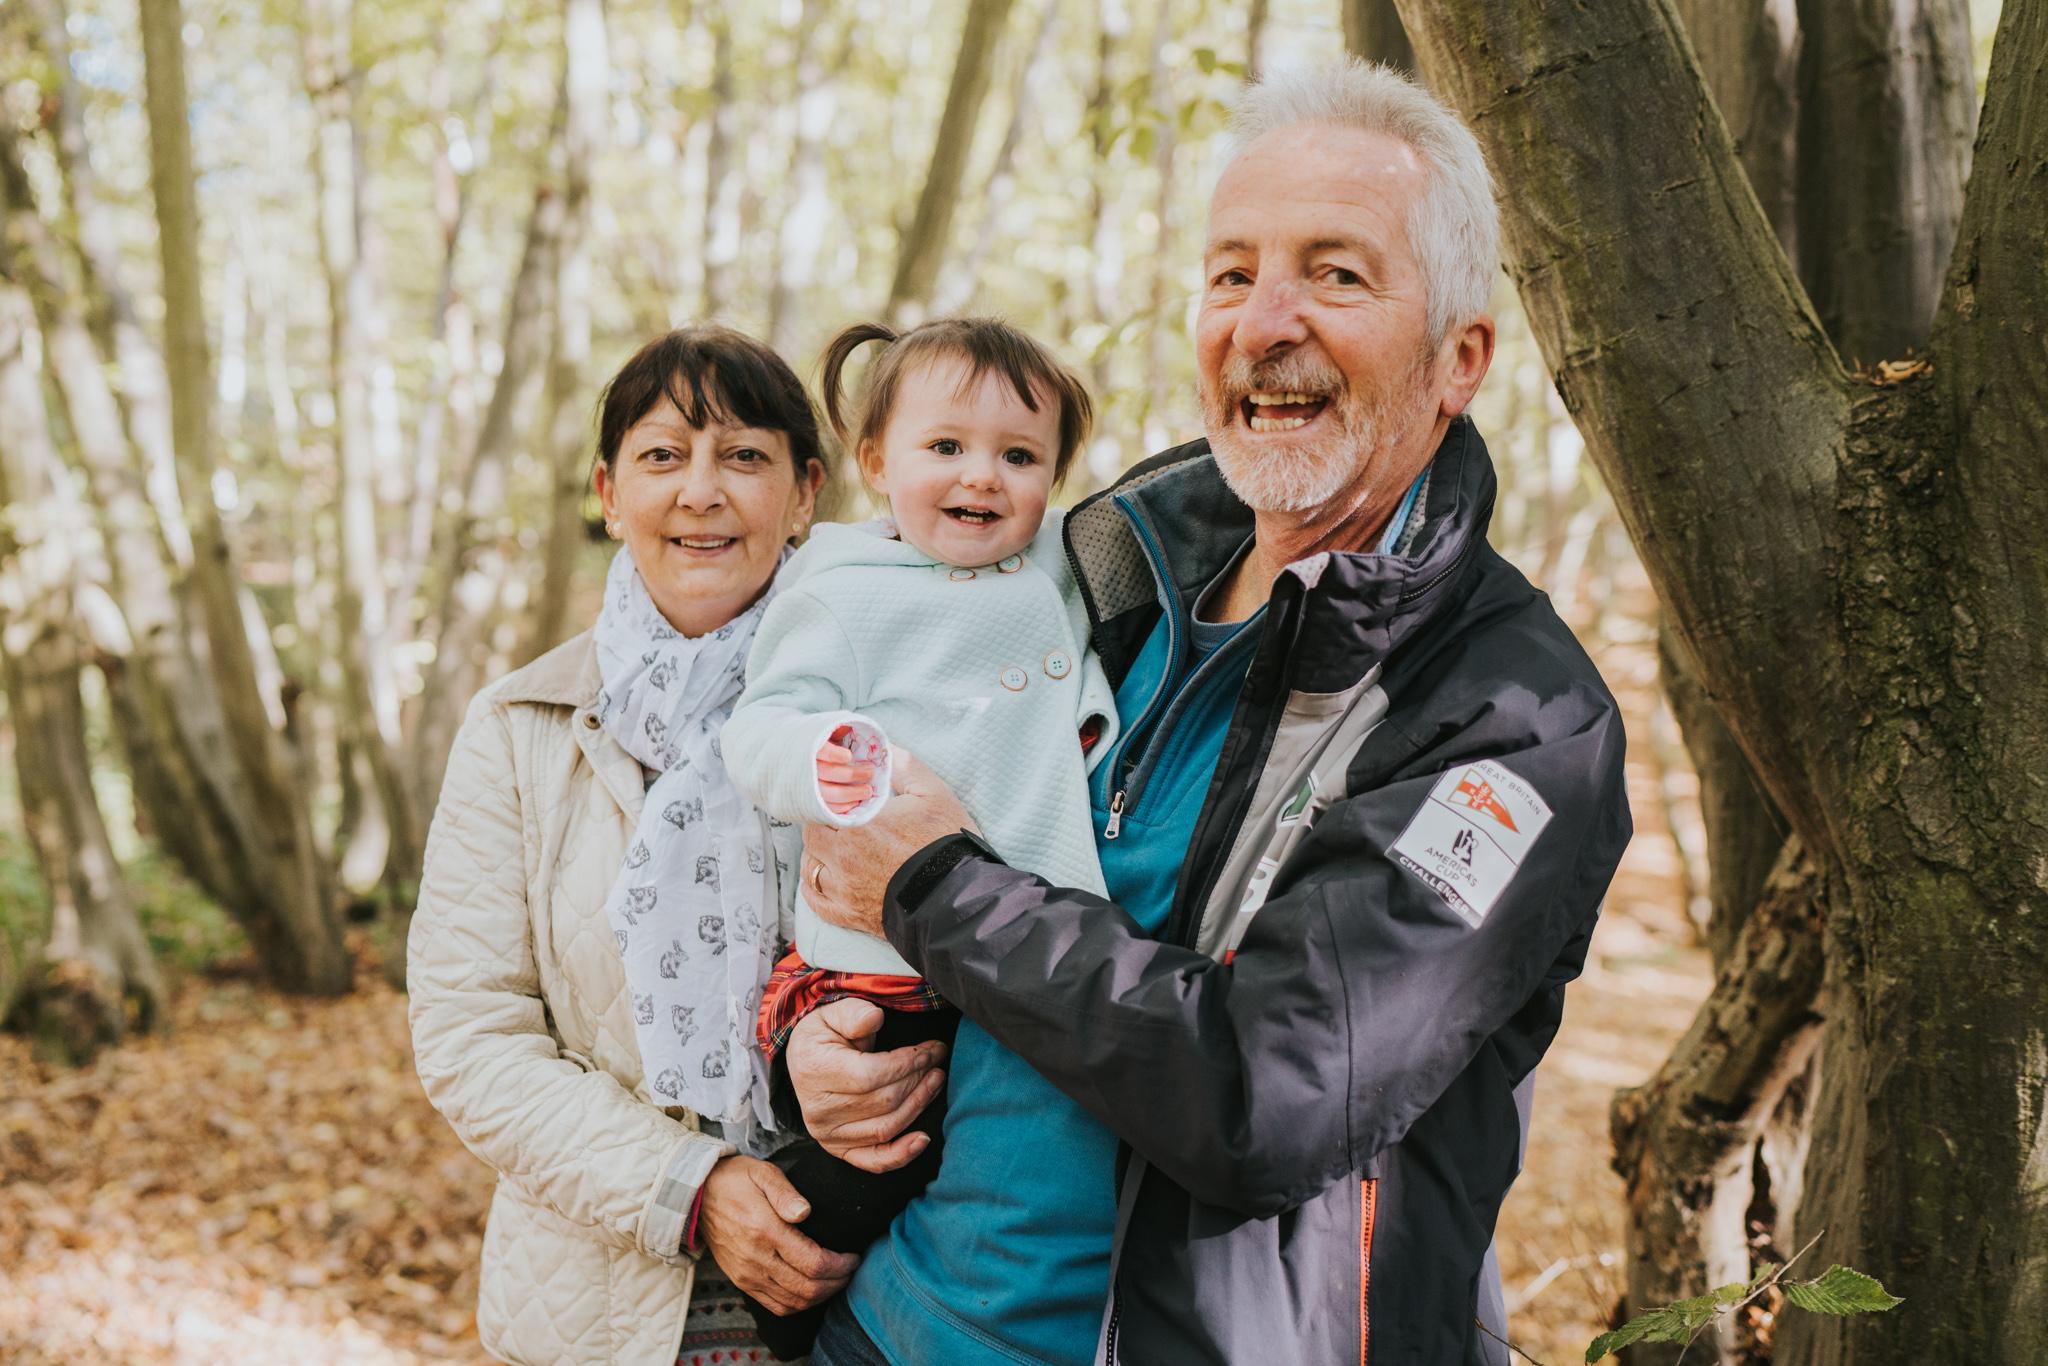 dow-woodland-family-session-colchester-essex-grace-elizabeth-colchester-essex-alternative-wedding-lifestyle-photographer-essex-suffolk-norfolk-devon+(26+of+31).jpg